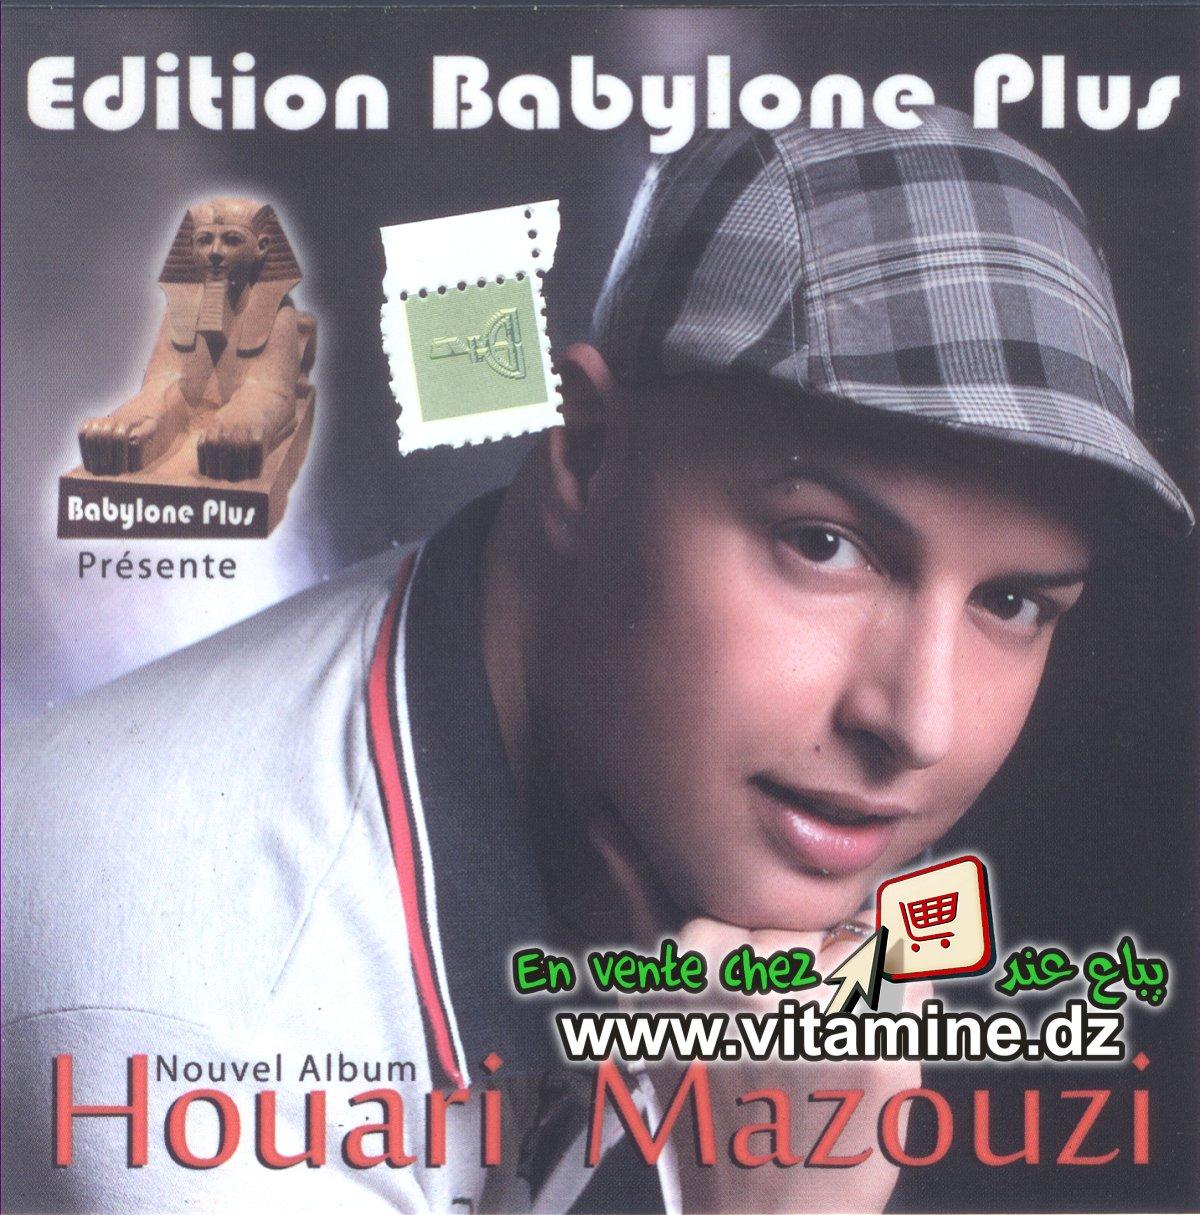 هواري مزوزي